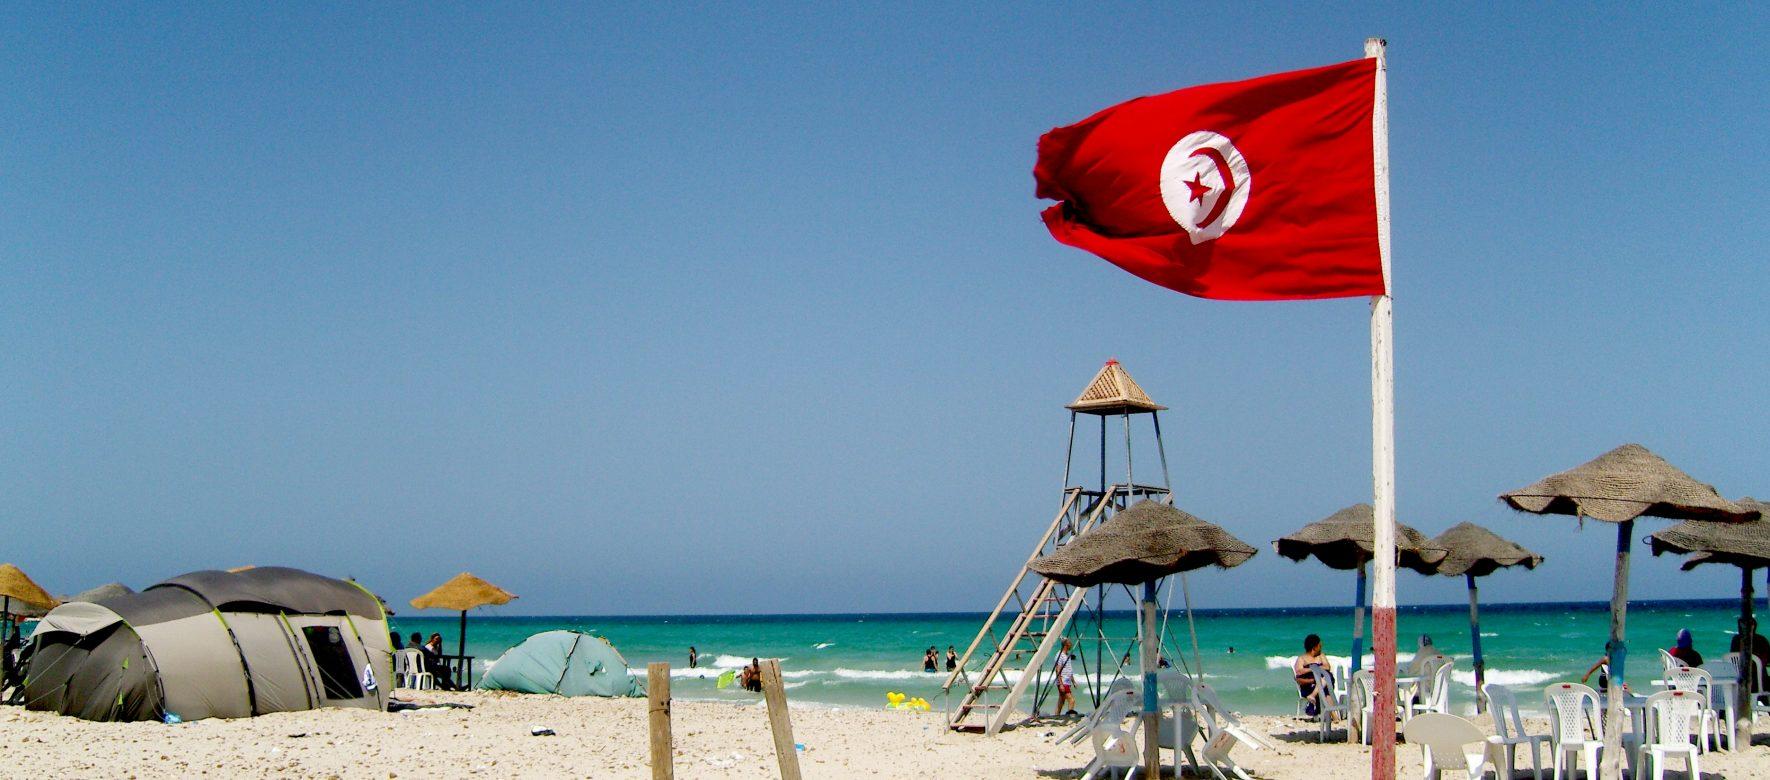 Un milliard d'euros de revenus pour le tourisme en Tunisie en 2017